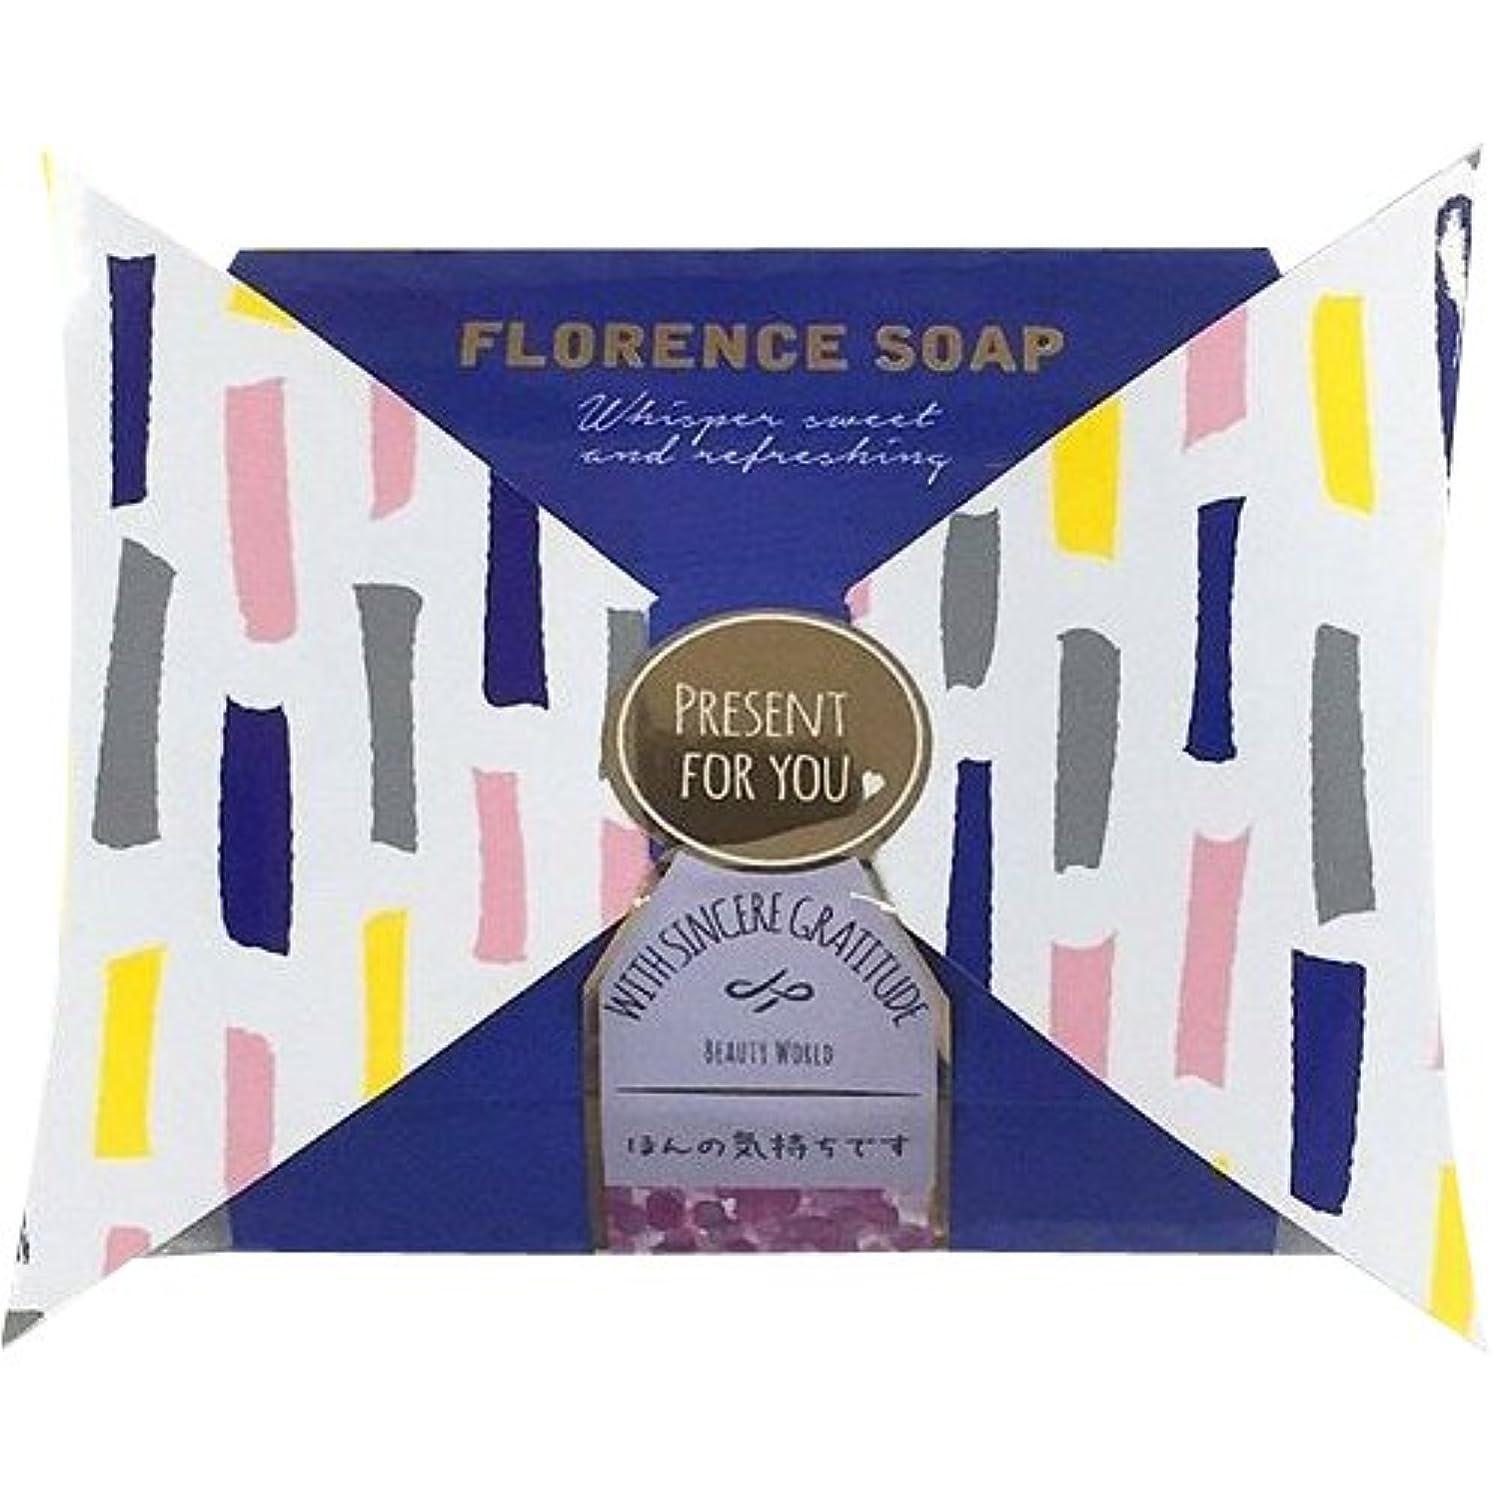 防水更新するロマンチックBW フローレンスの香り石けん リボンパッケージ FSP385 甘く爽やかなささやき (35g)